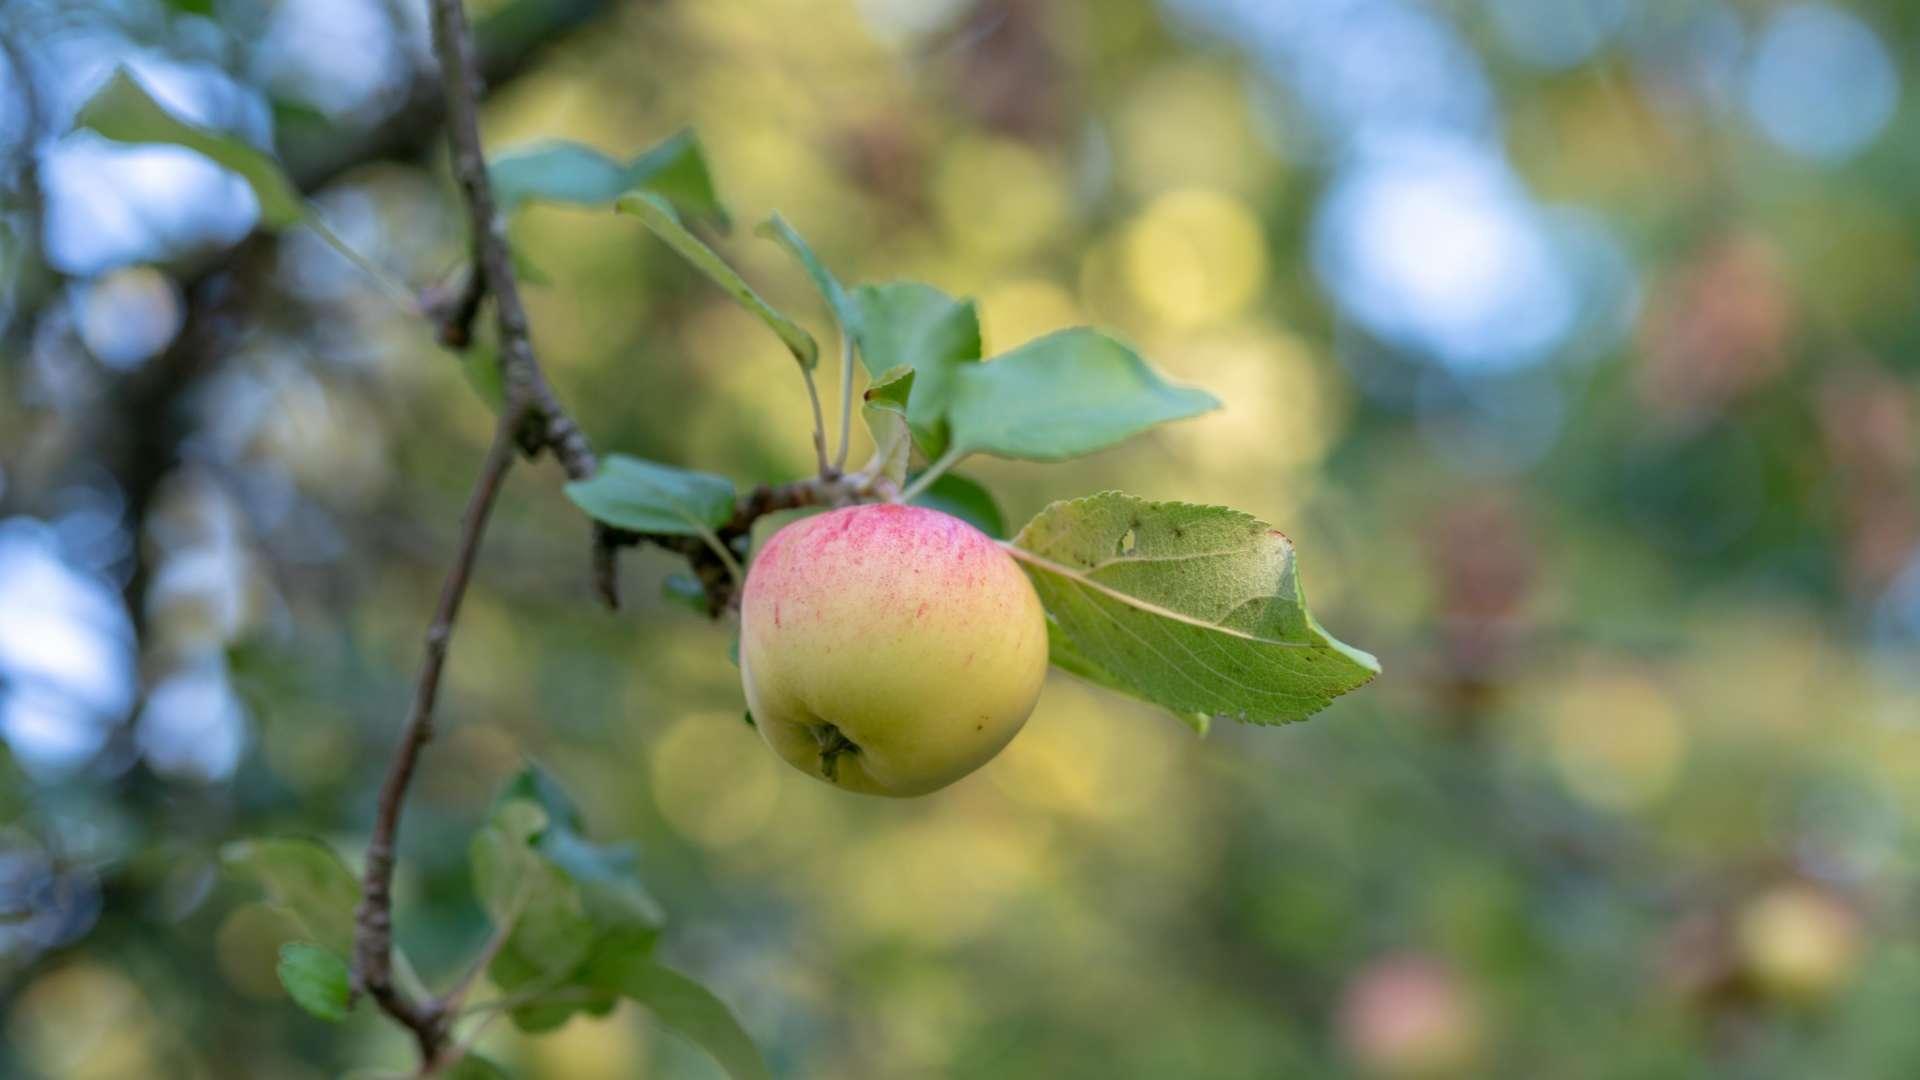 Omenapuussa kotimaisen omenapuun oksalla on yksi omena. Oksassa on myös omenapuun lehtiä. Alkusyksyn ilma.